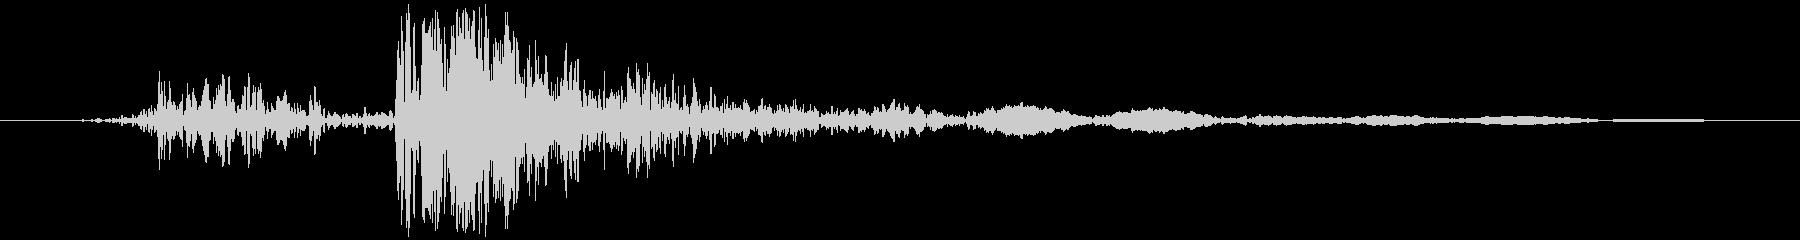 電気ポット フタの開閉音(コッ+カチッ)の未再生の波形